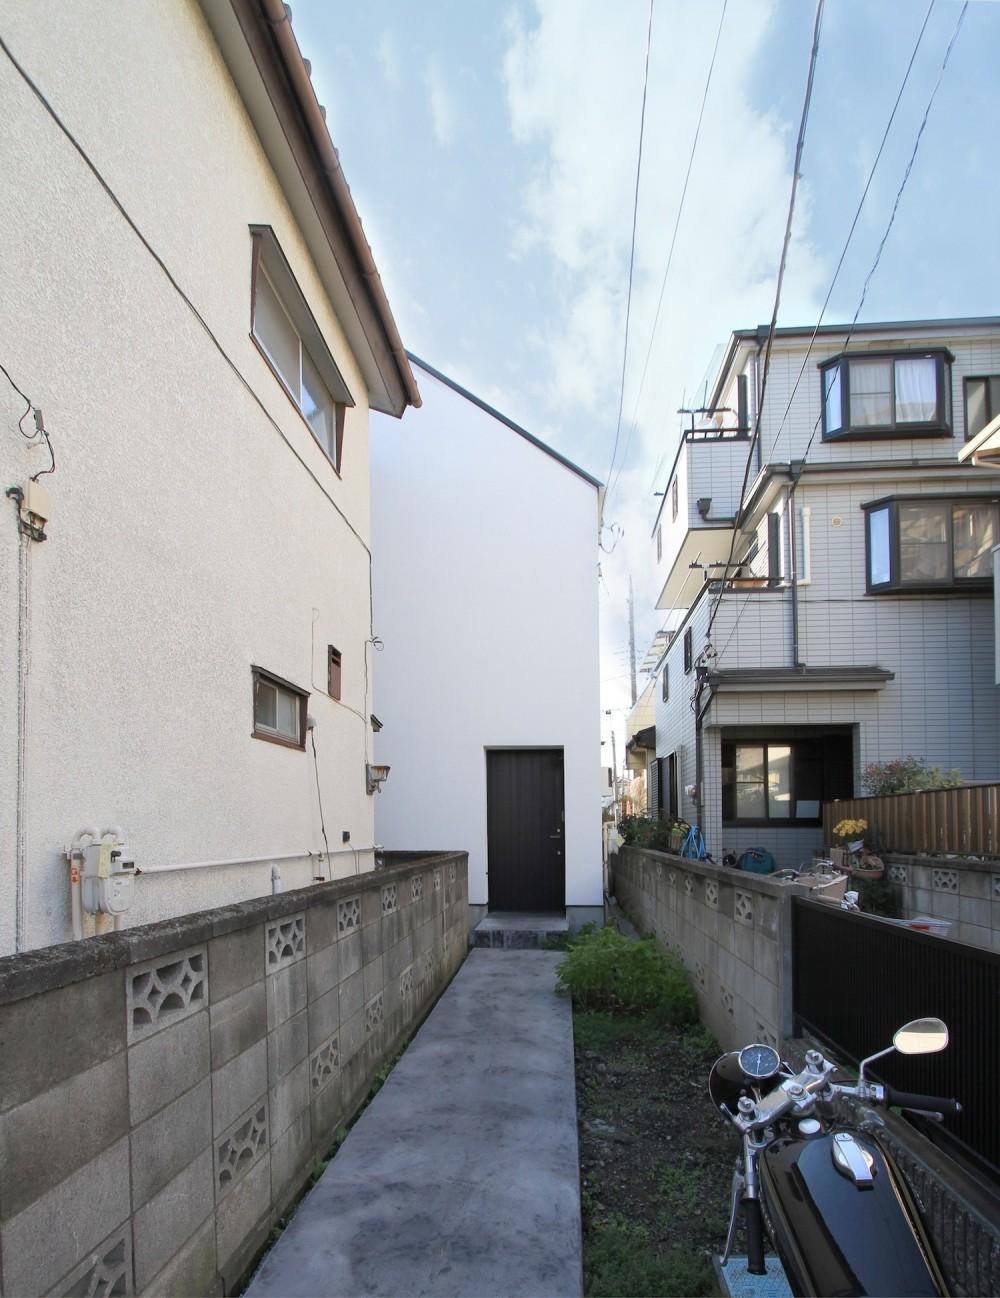 さいたまの旗竿敷地の家 OUCHI-21 (旗竿敷地での外観)